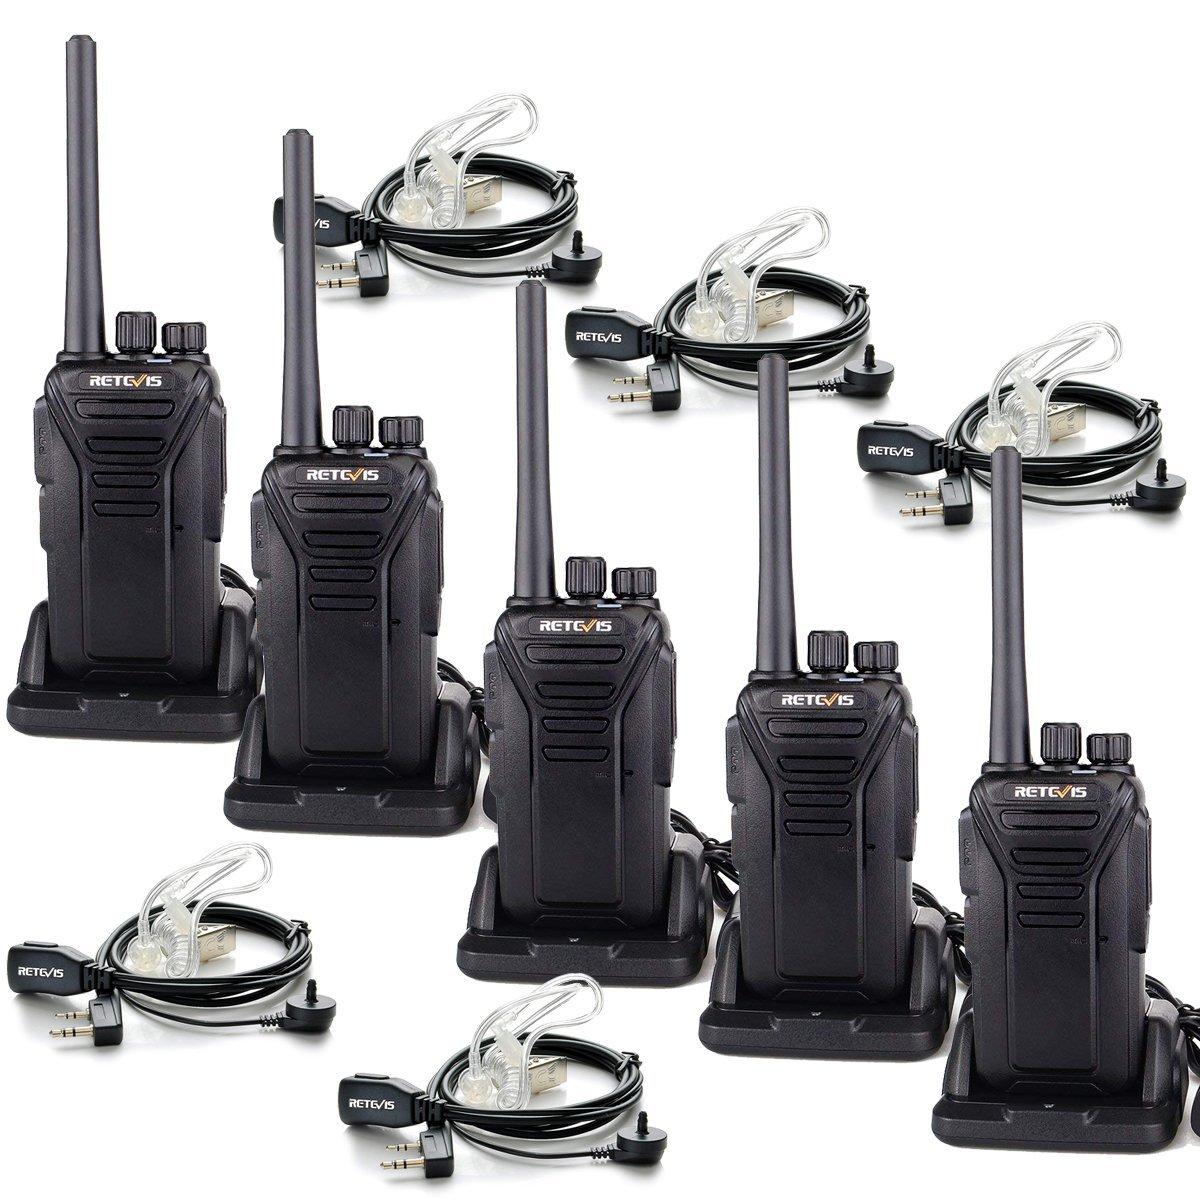 Retevis RT27 2 Way Radios Rechargebale Walkie Talkie Long Range with Covert Air Acoustic Earpiece 5 Pack